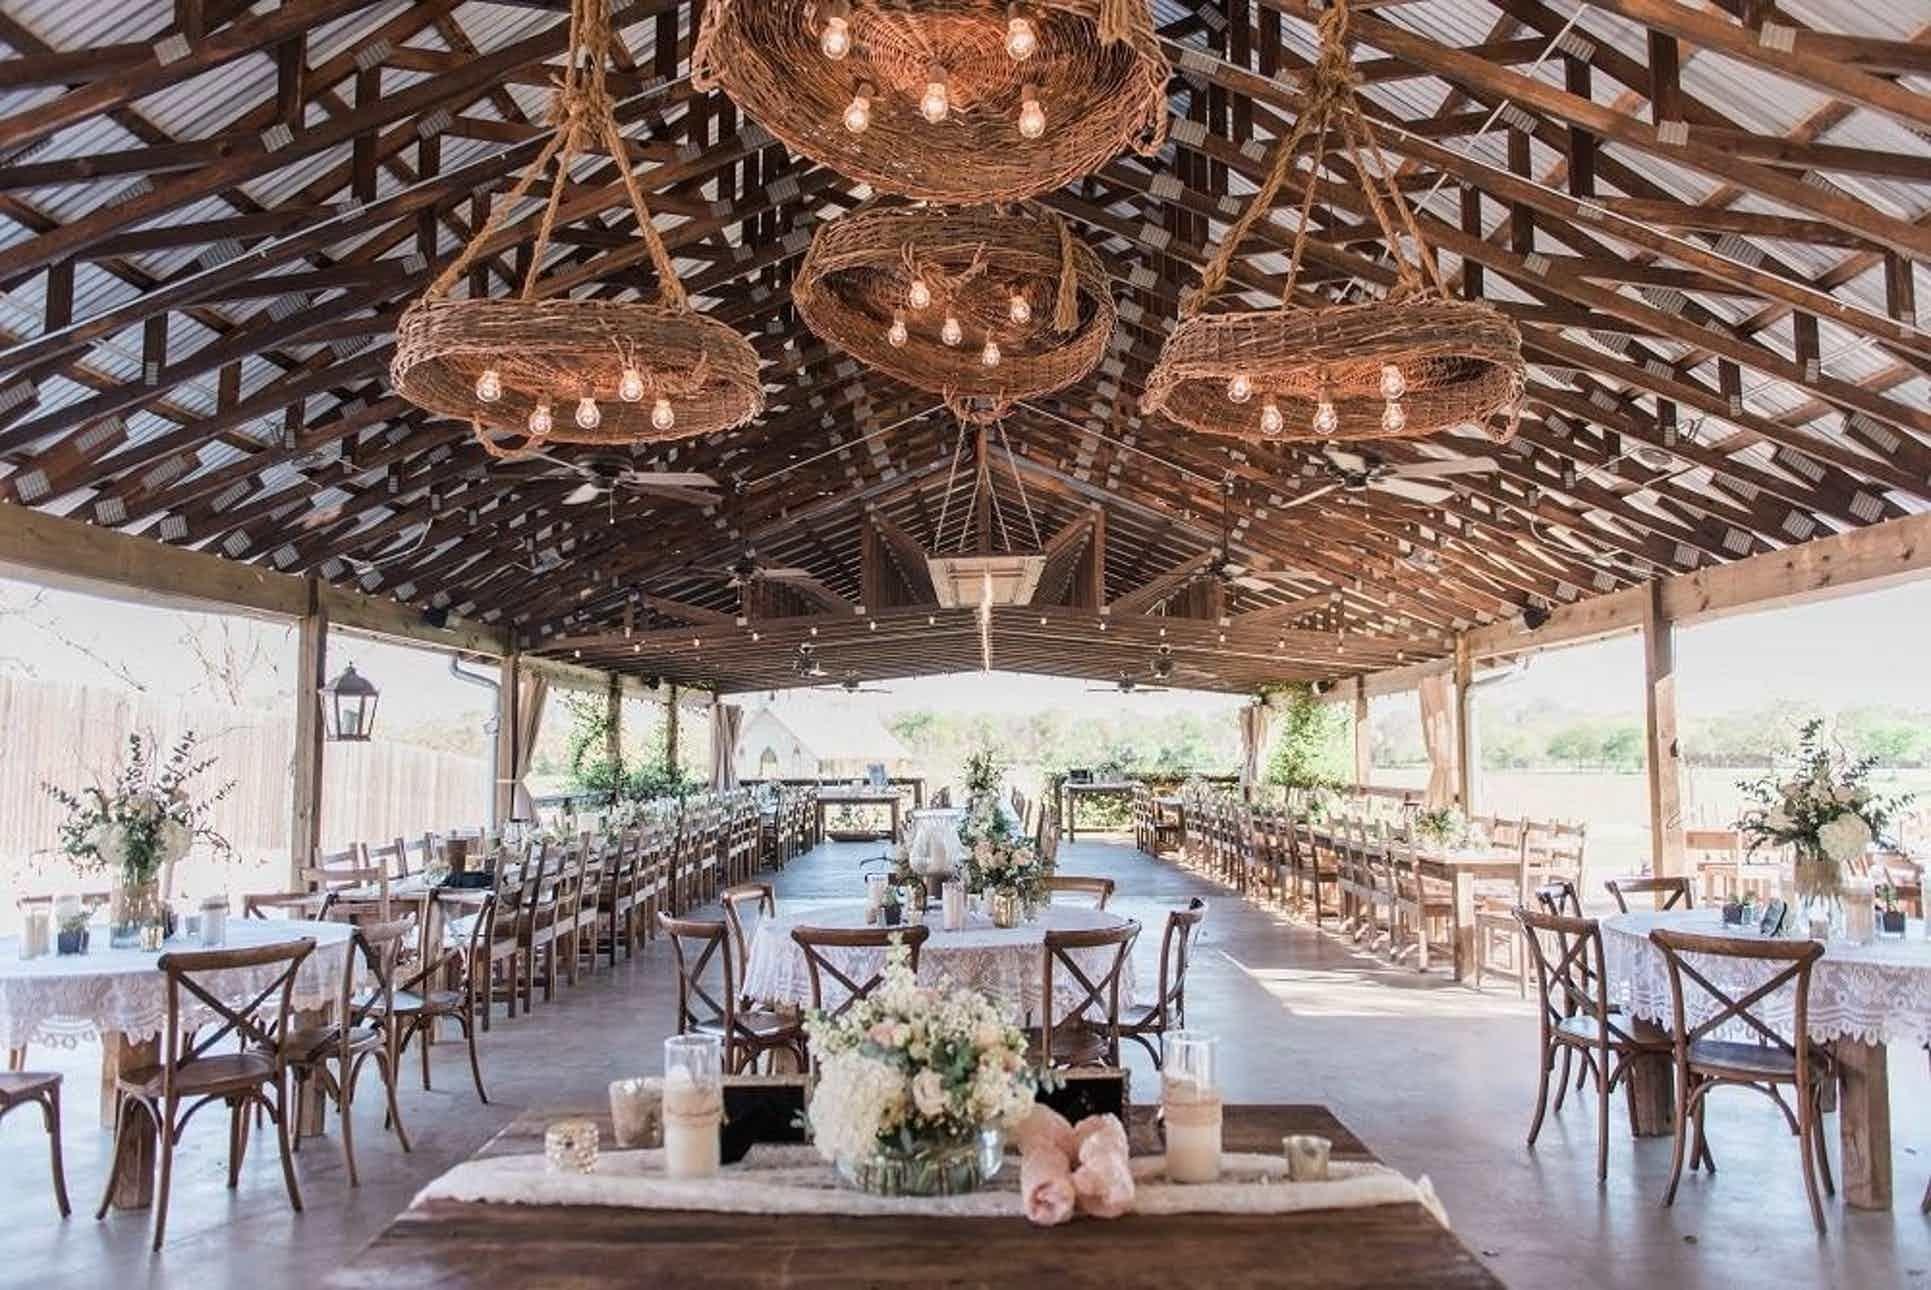 Gruene Estate New Braunfels Tx Wedding Venue San Antonio Tx 78130